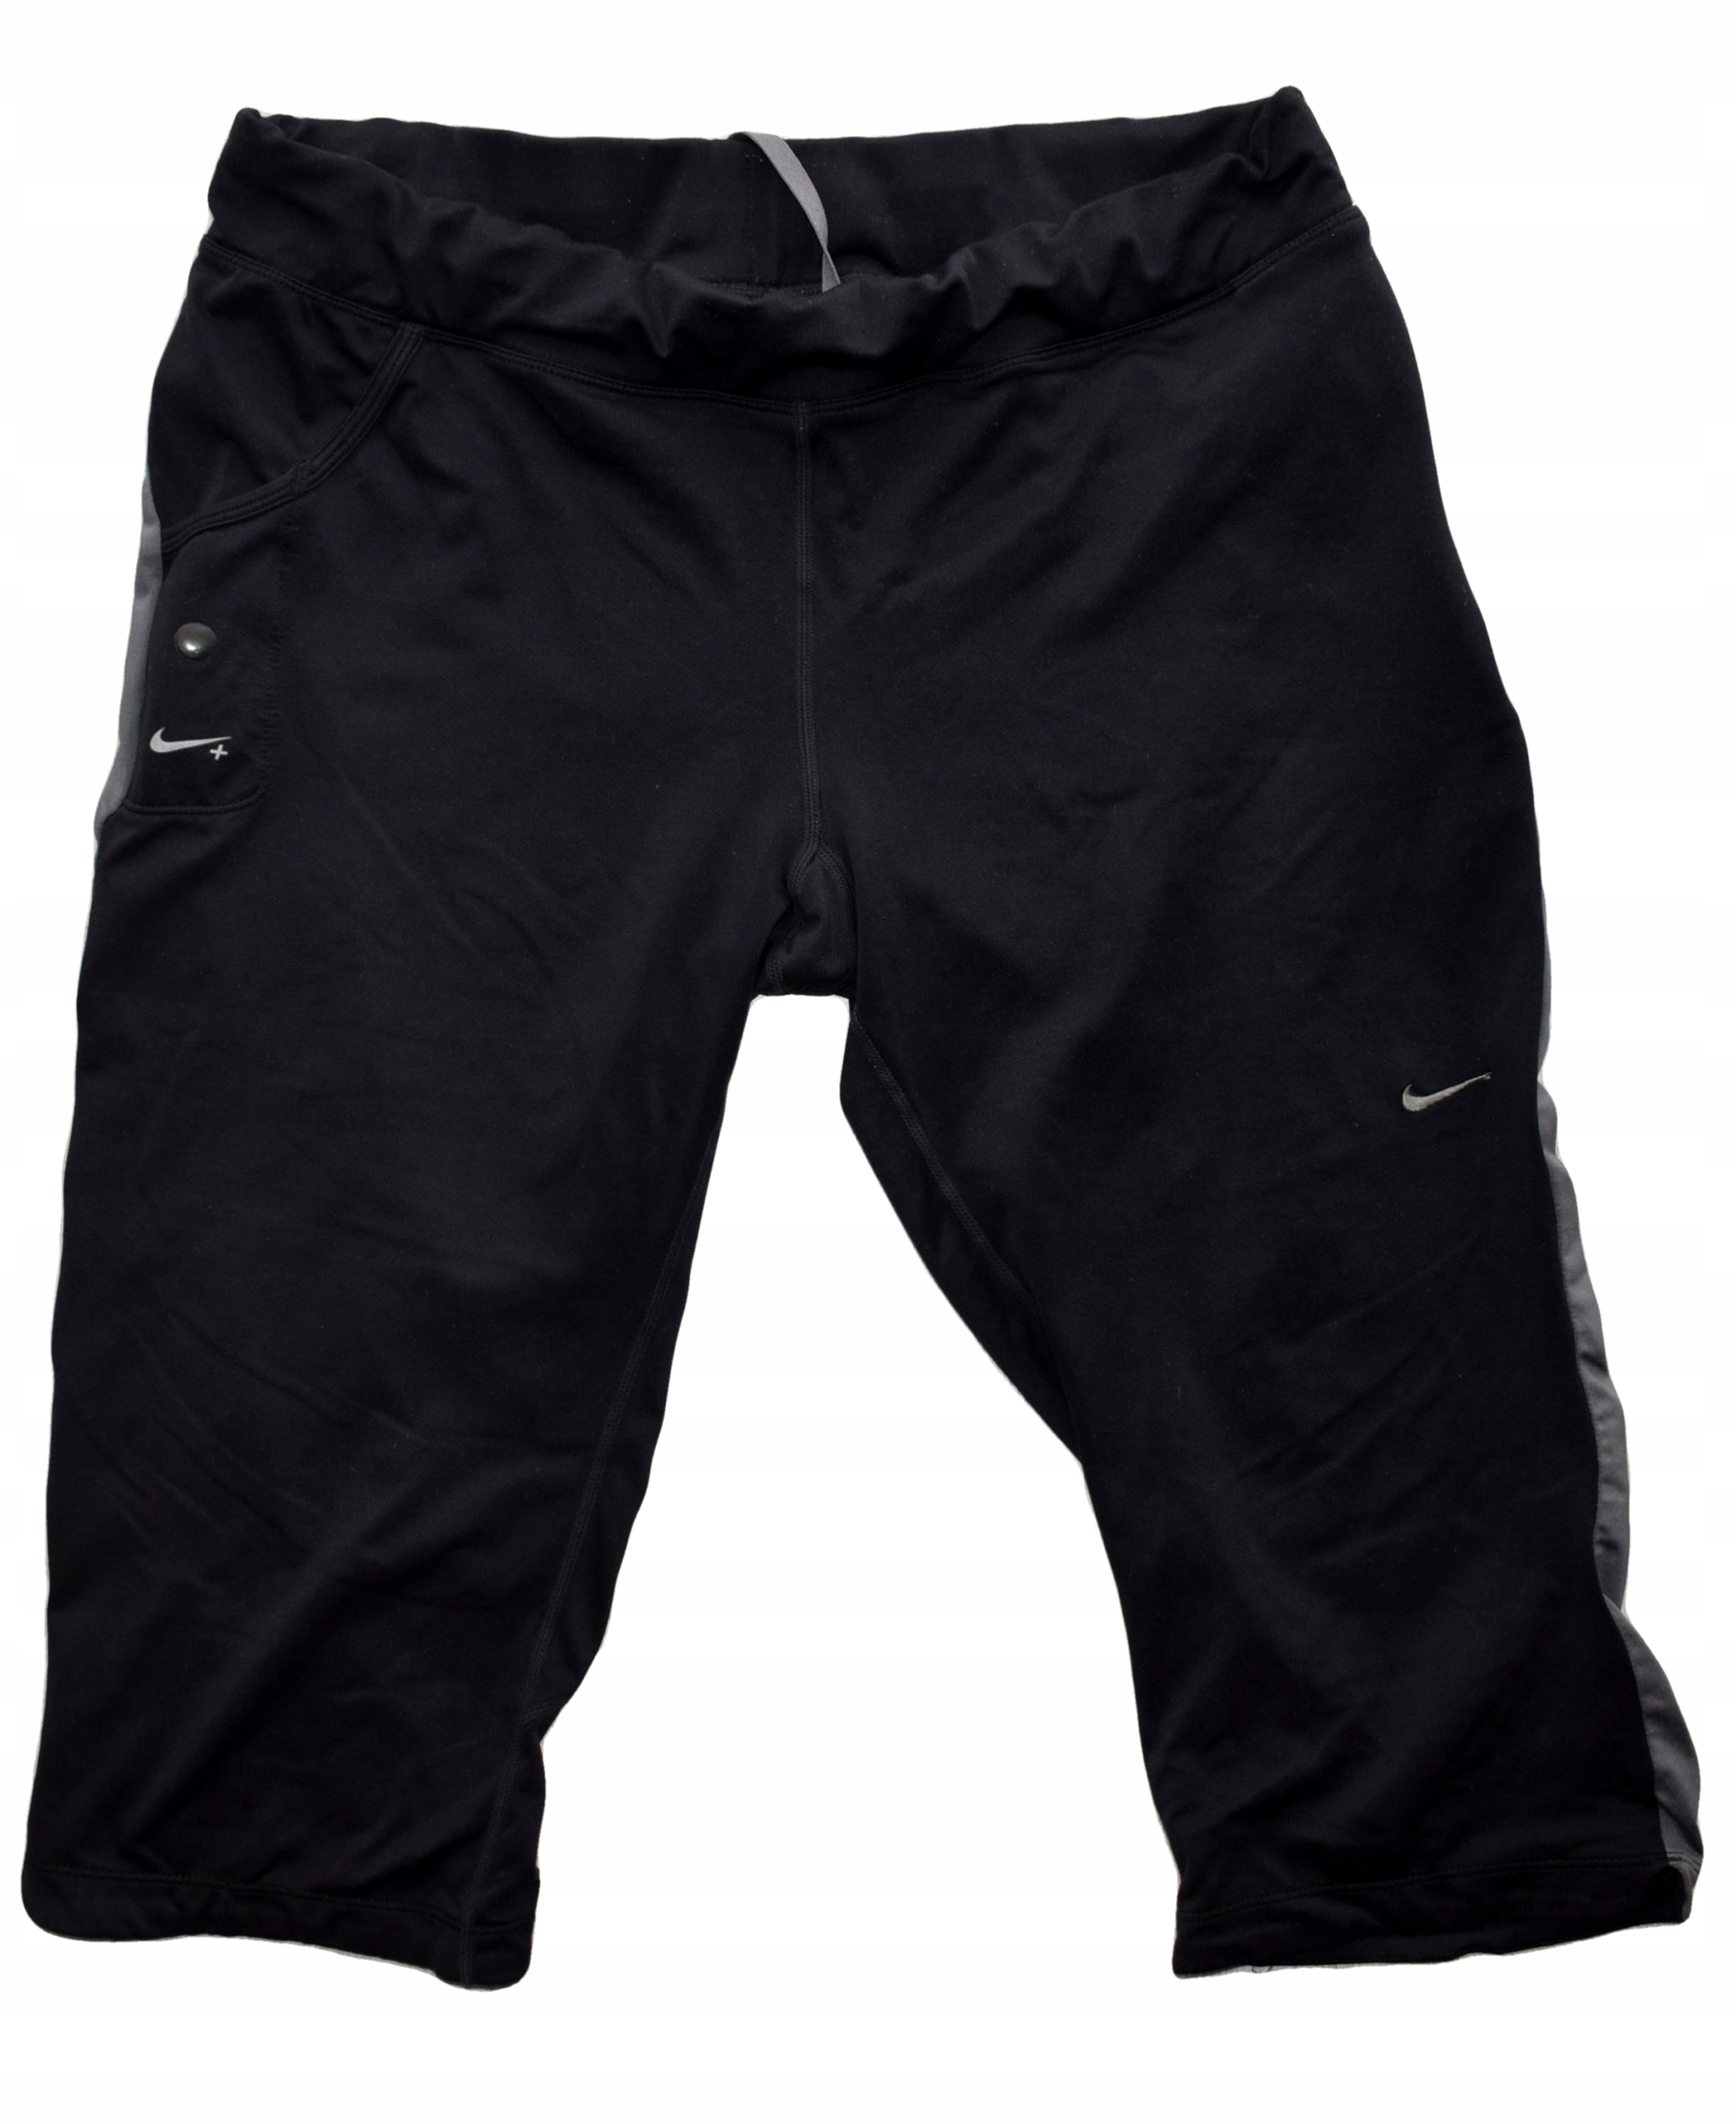 Nike M/L sportowe spodenki na siłownie bieganie